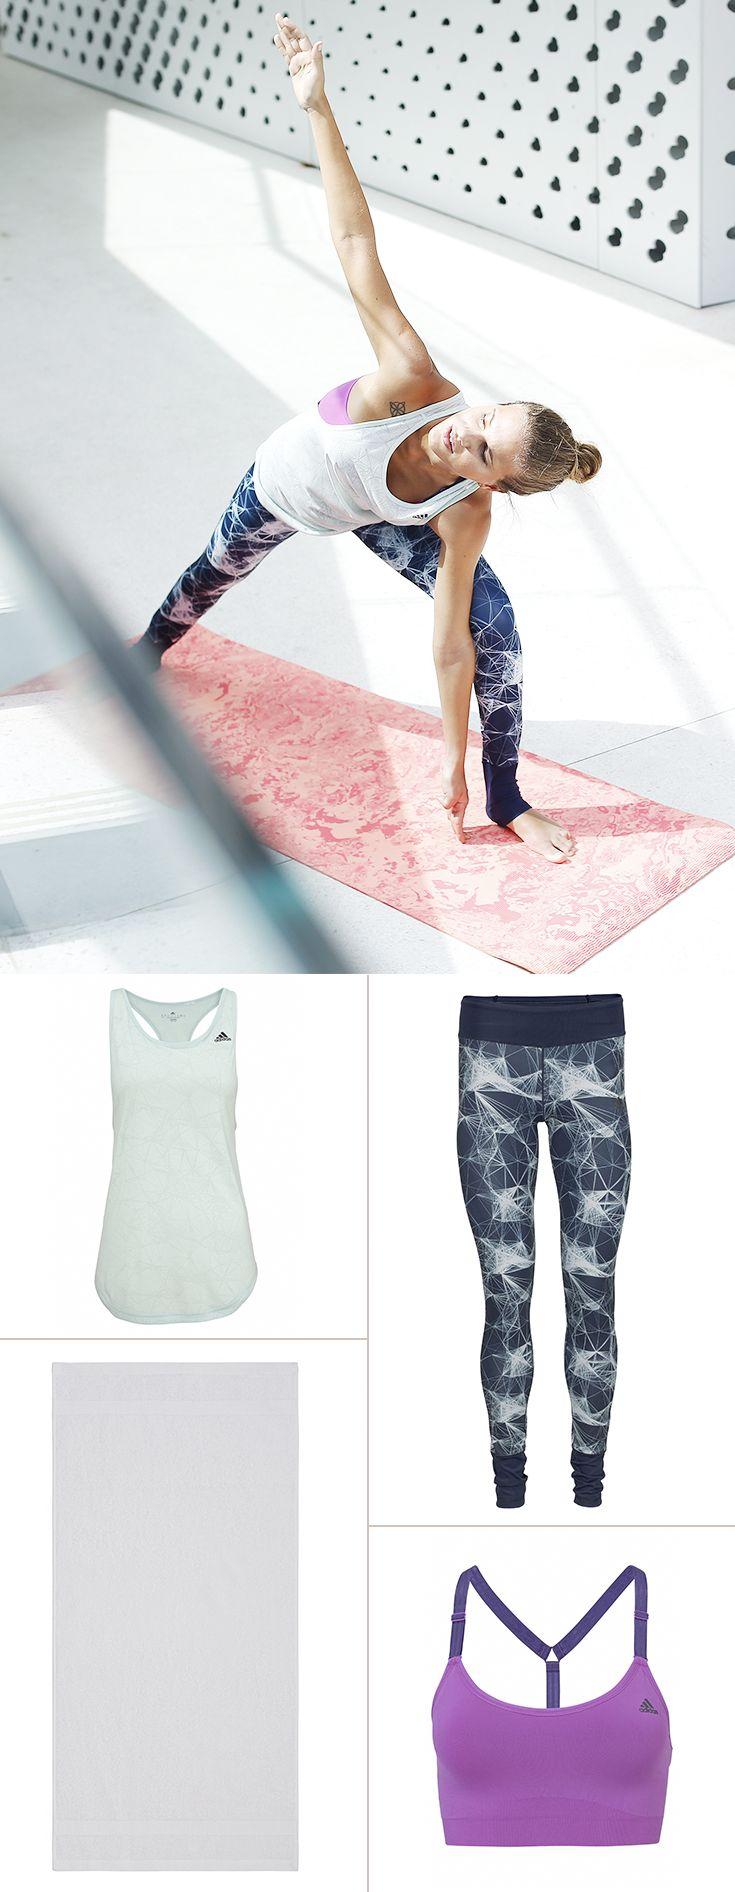 Cooler Mix aus zurückhaltenden Pastellfarben und angesagten Graphic-Mustern: Damit kannst du gleich zwei aktuelle Fashion-Trends in dein Sportoutfit einbauen – und natürlich auch in deine liebsten Streetwear-Looks!